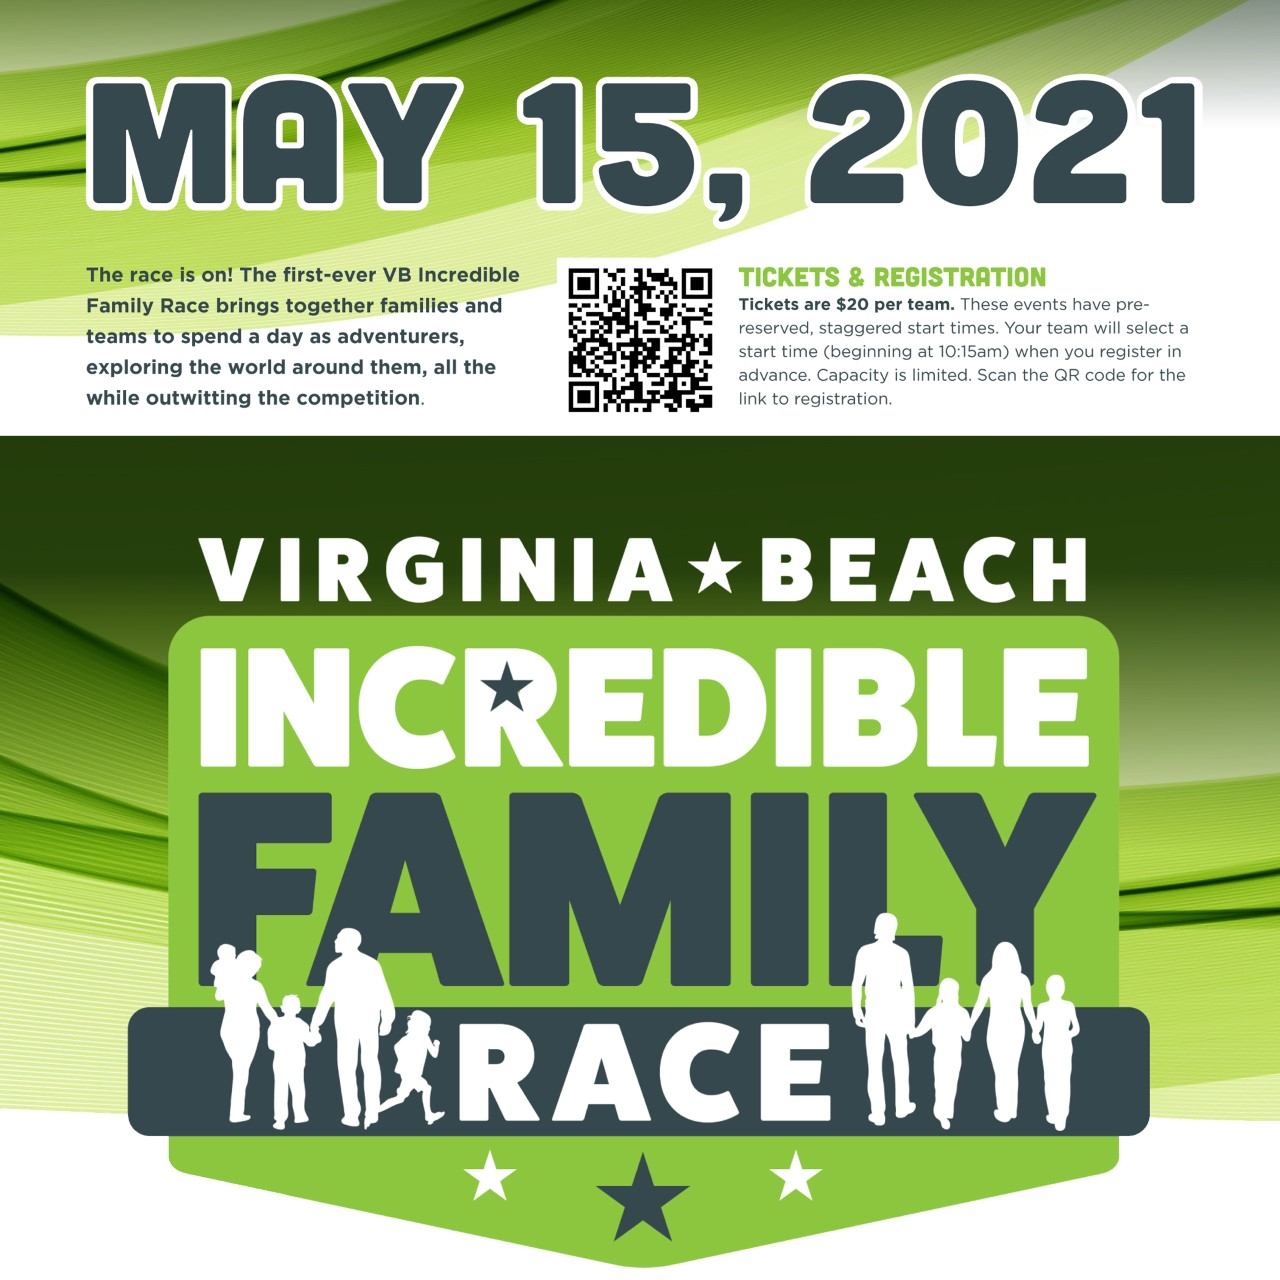 VB Incredible Family Race